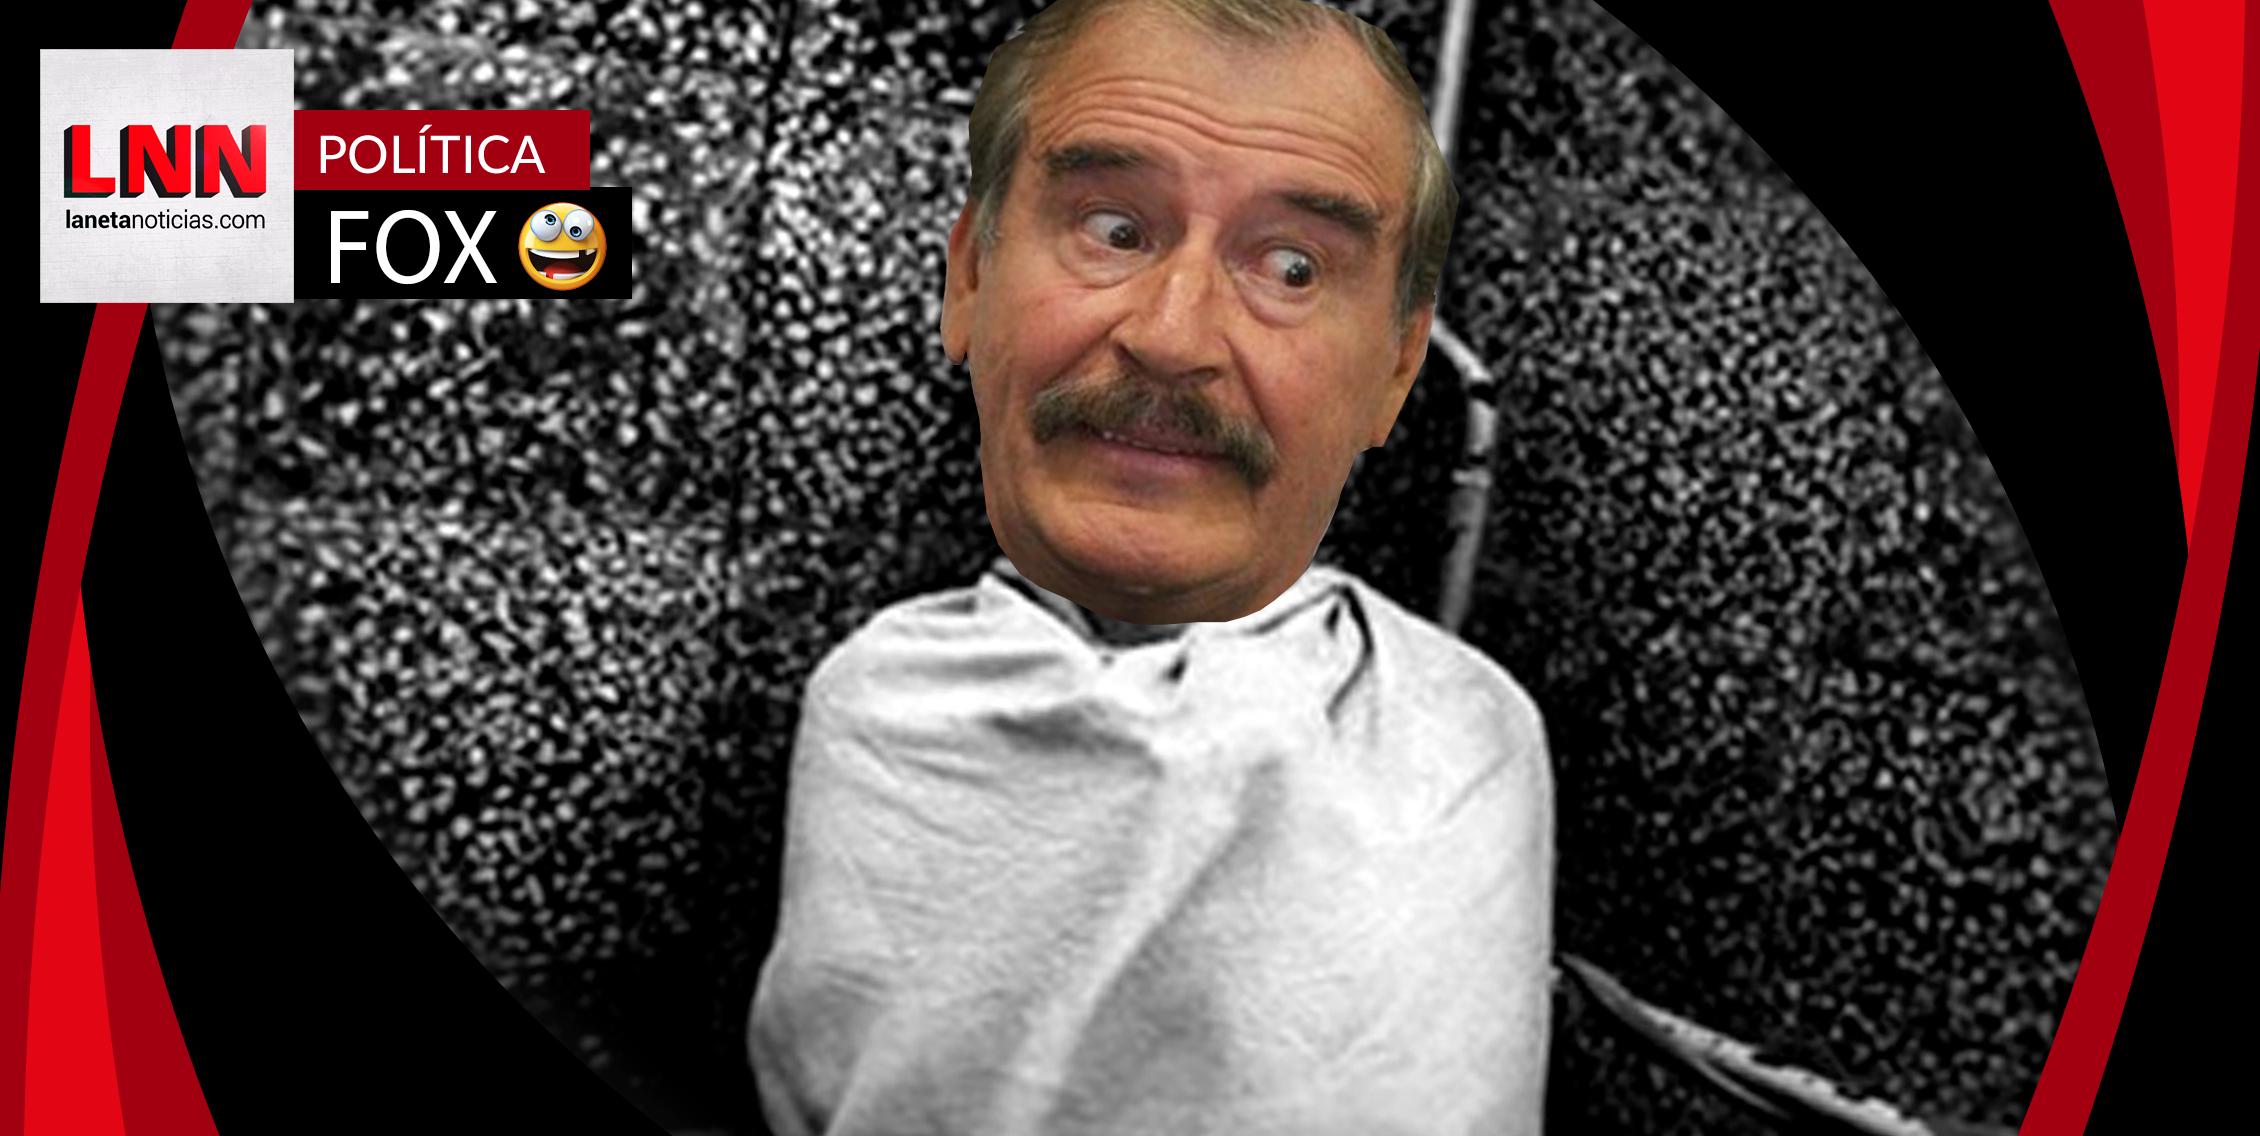 Vicente Fox, la historia del odio por AMLO que lo llevó a la locura